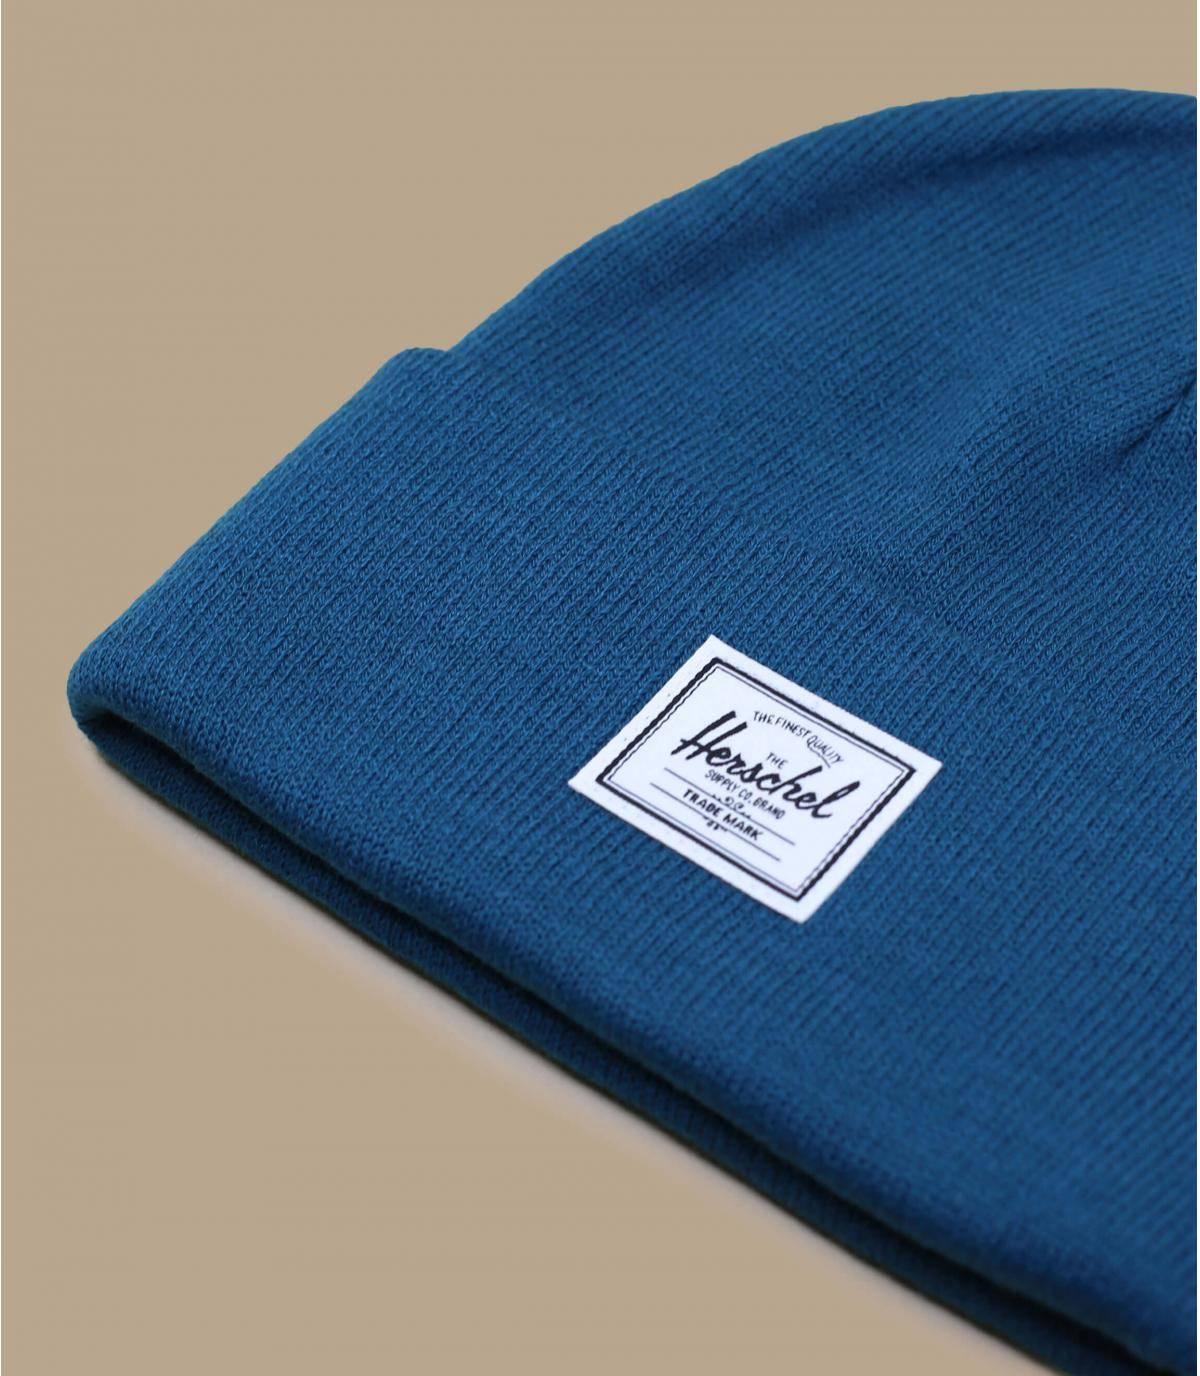 Dettagli Elmer Moroccan blue - image 3